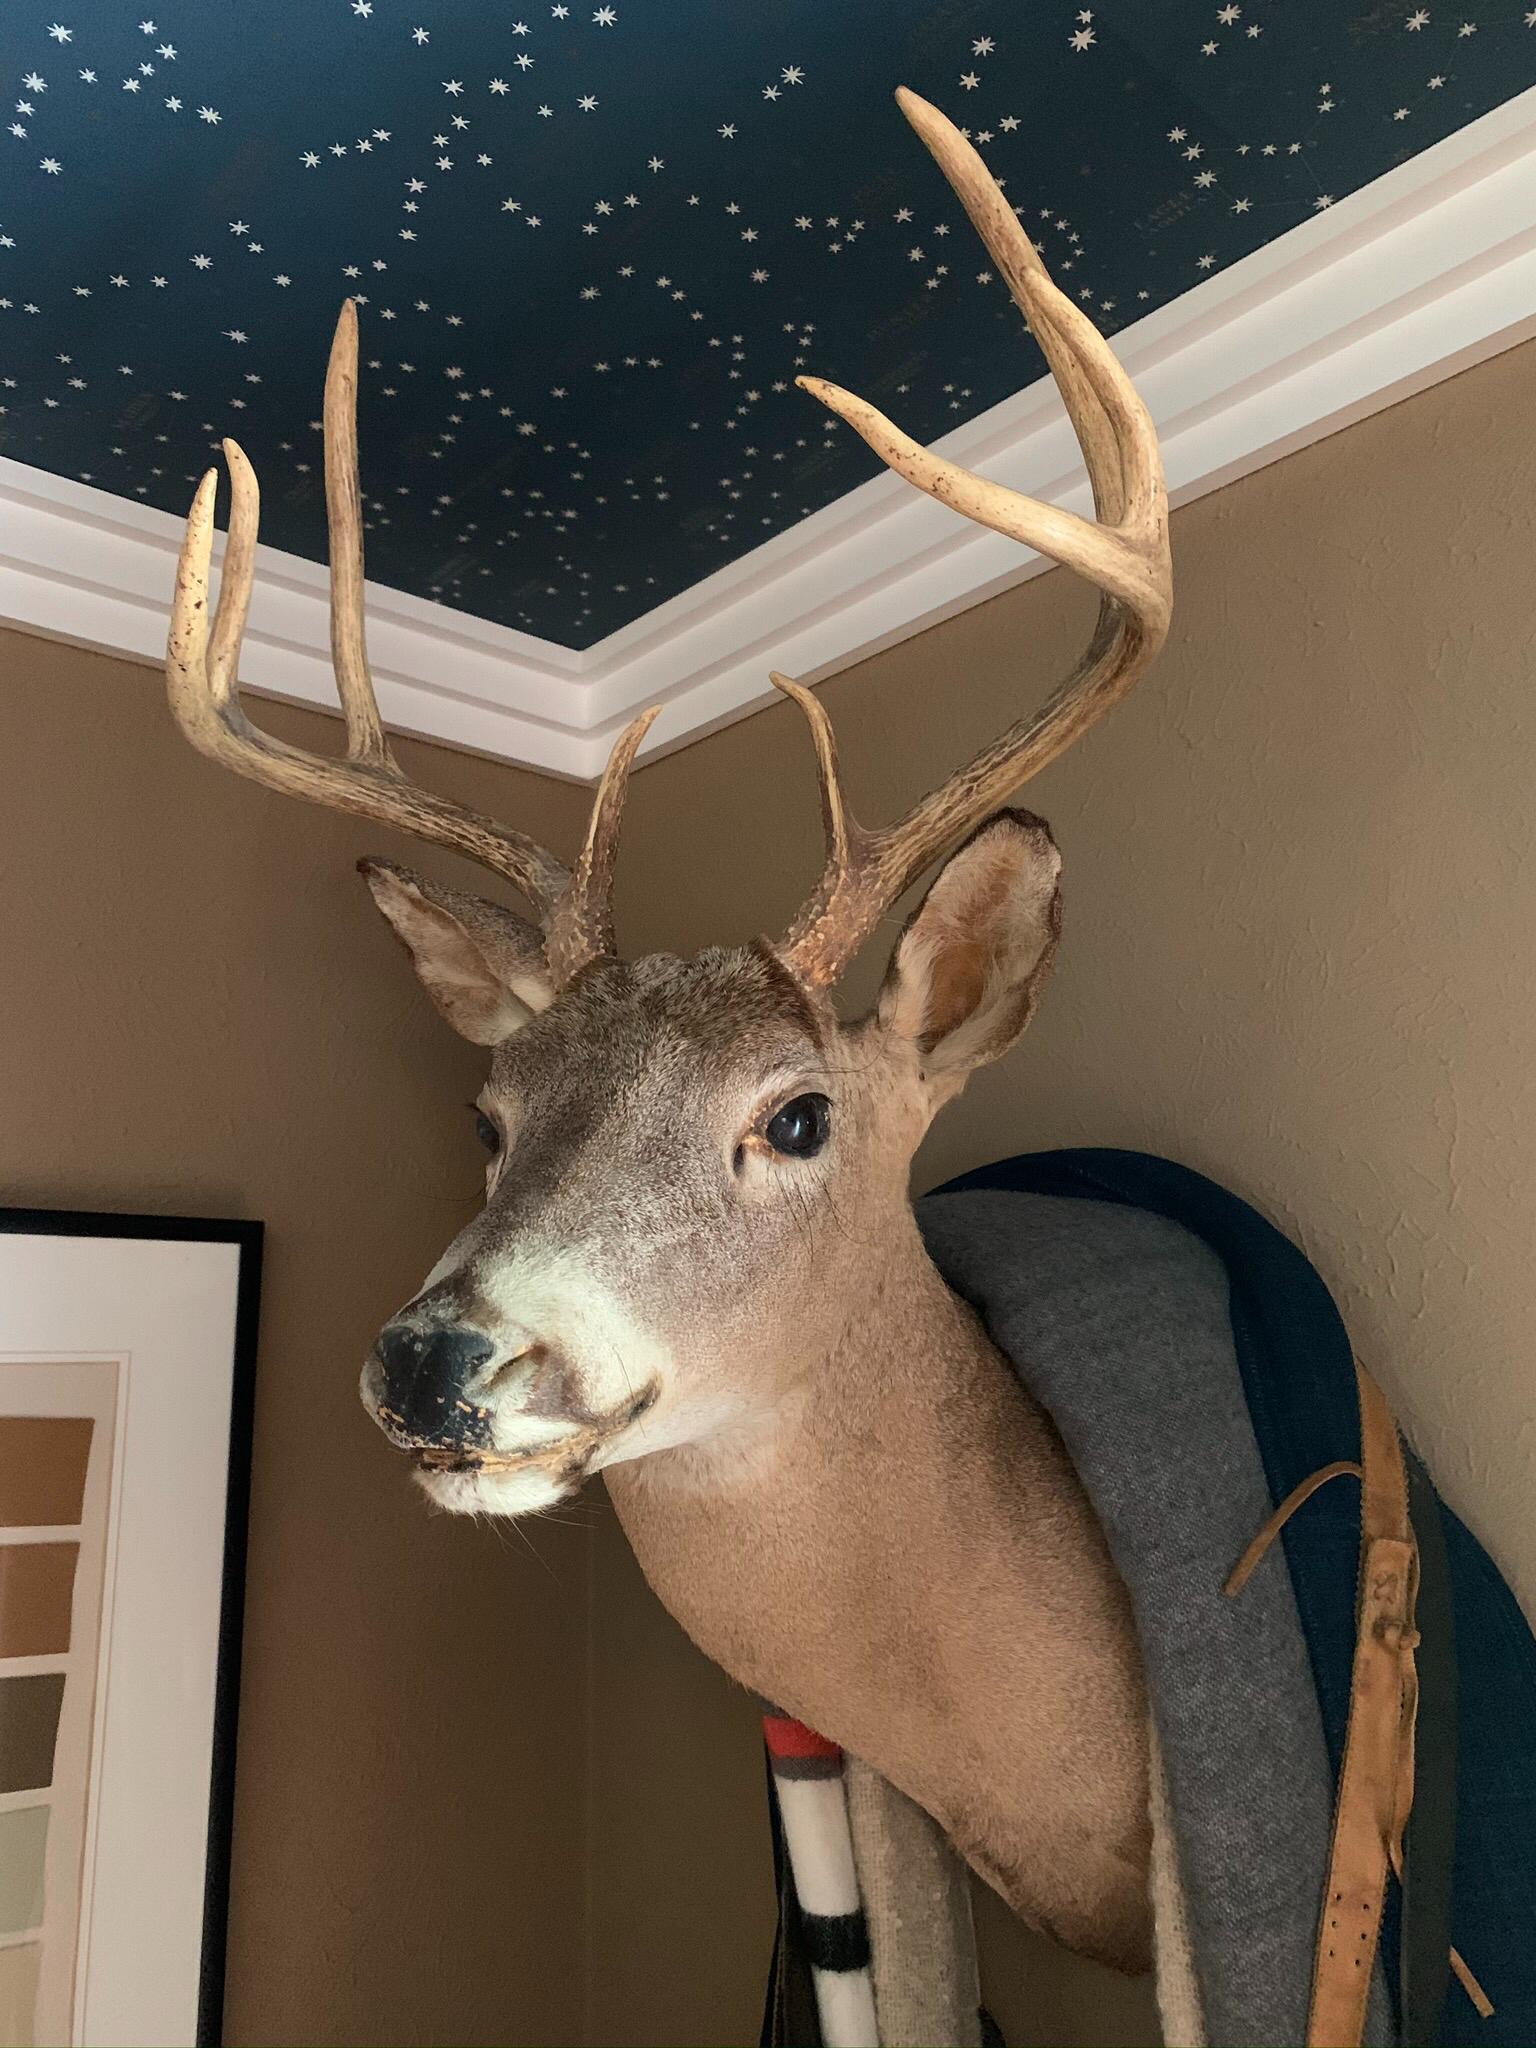 Whitetail deer Mount with Ralph Lauren Northern Hemisphere Wallpaper in Guest Room